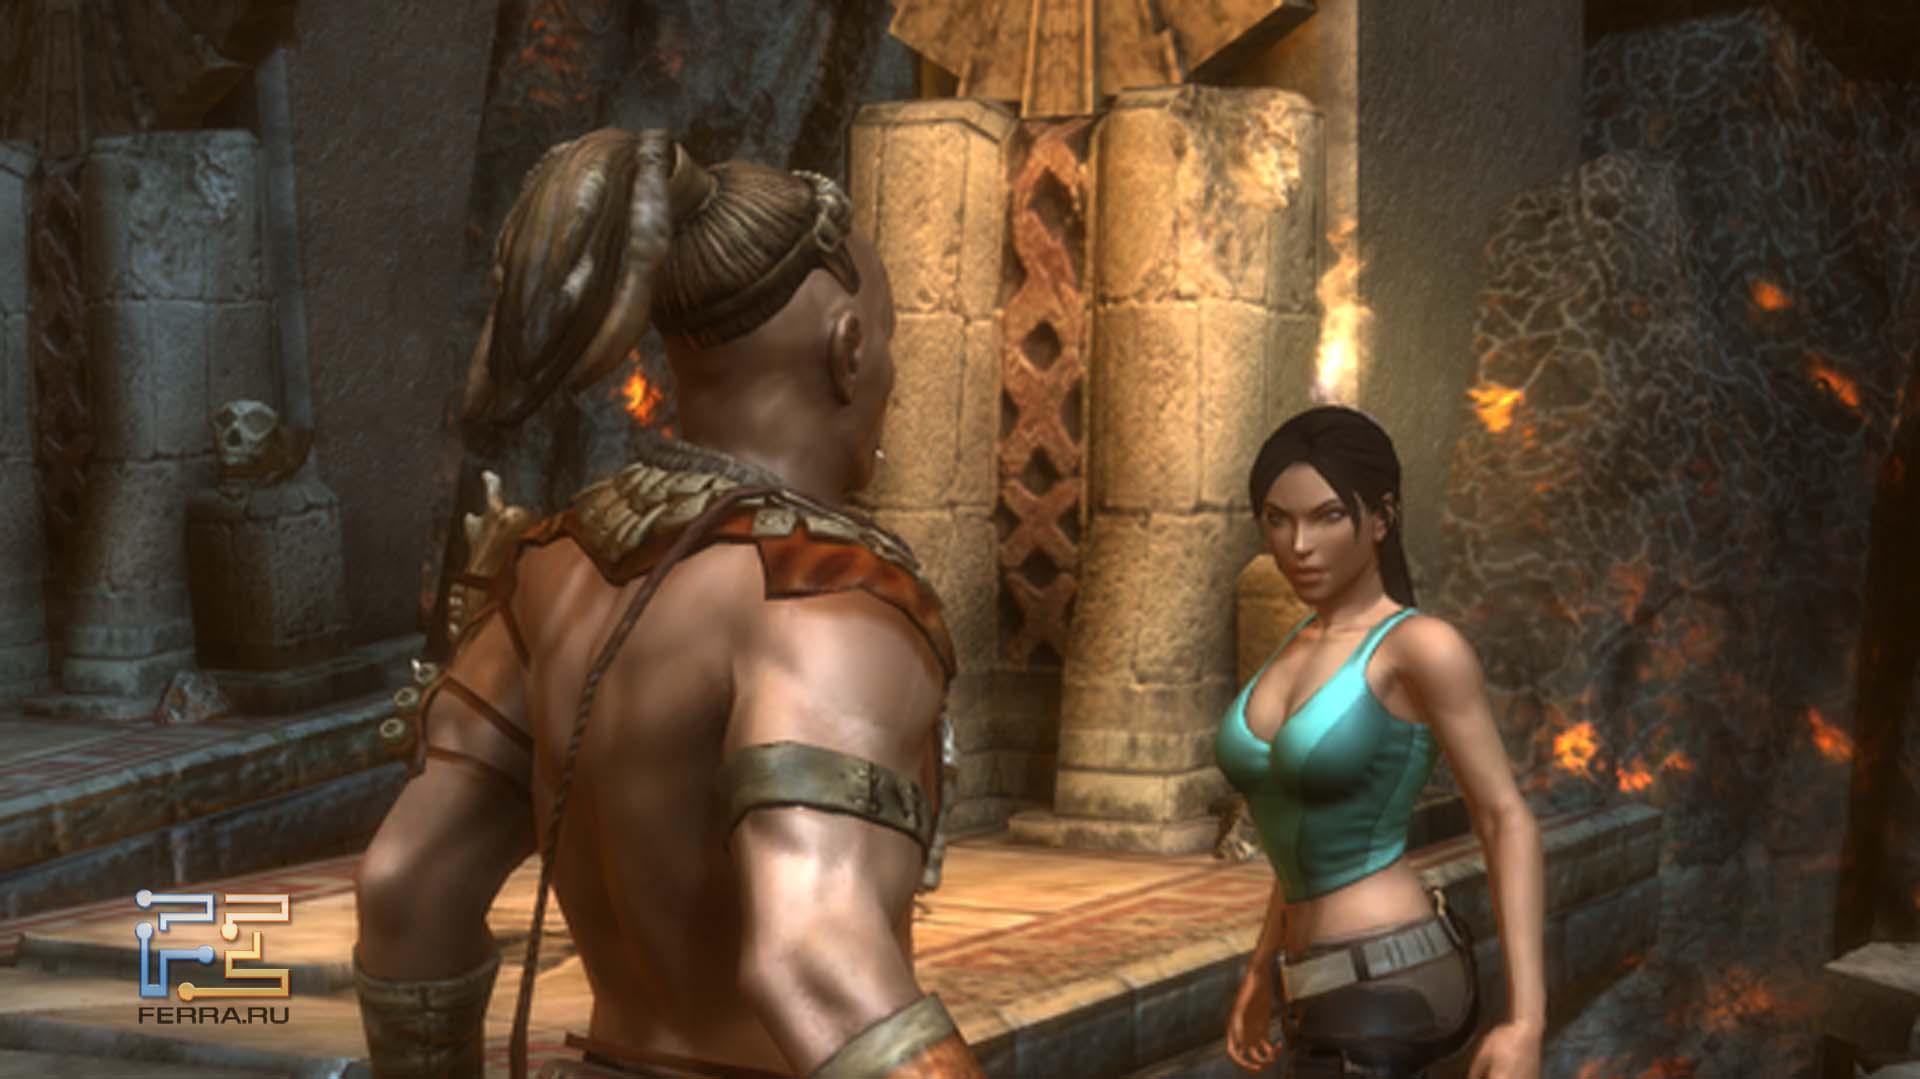 Tomb raider vampire 3d porn sex images